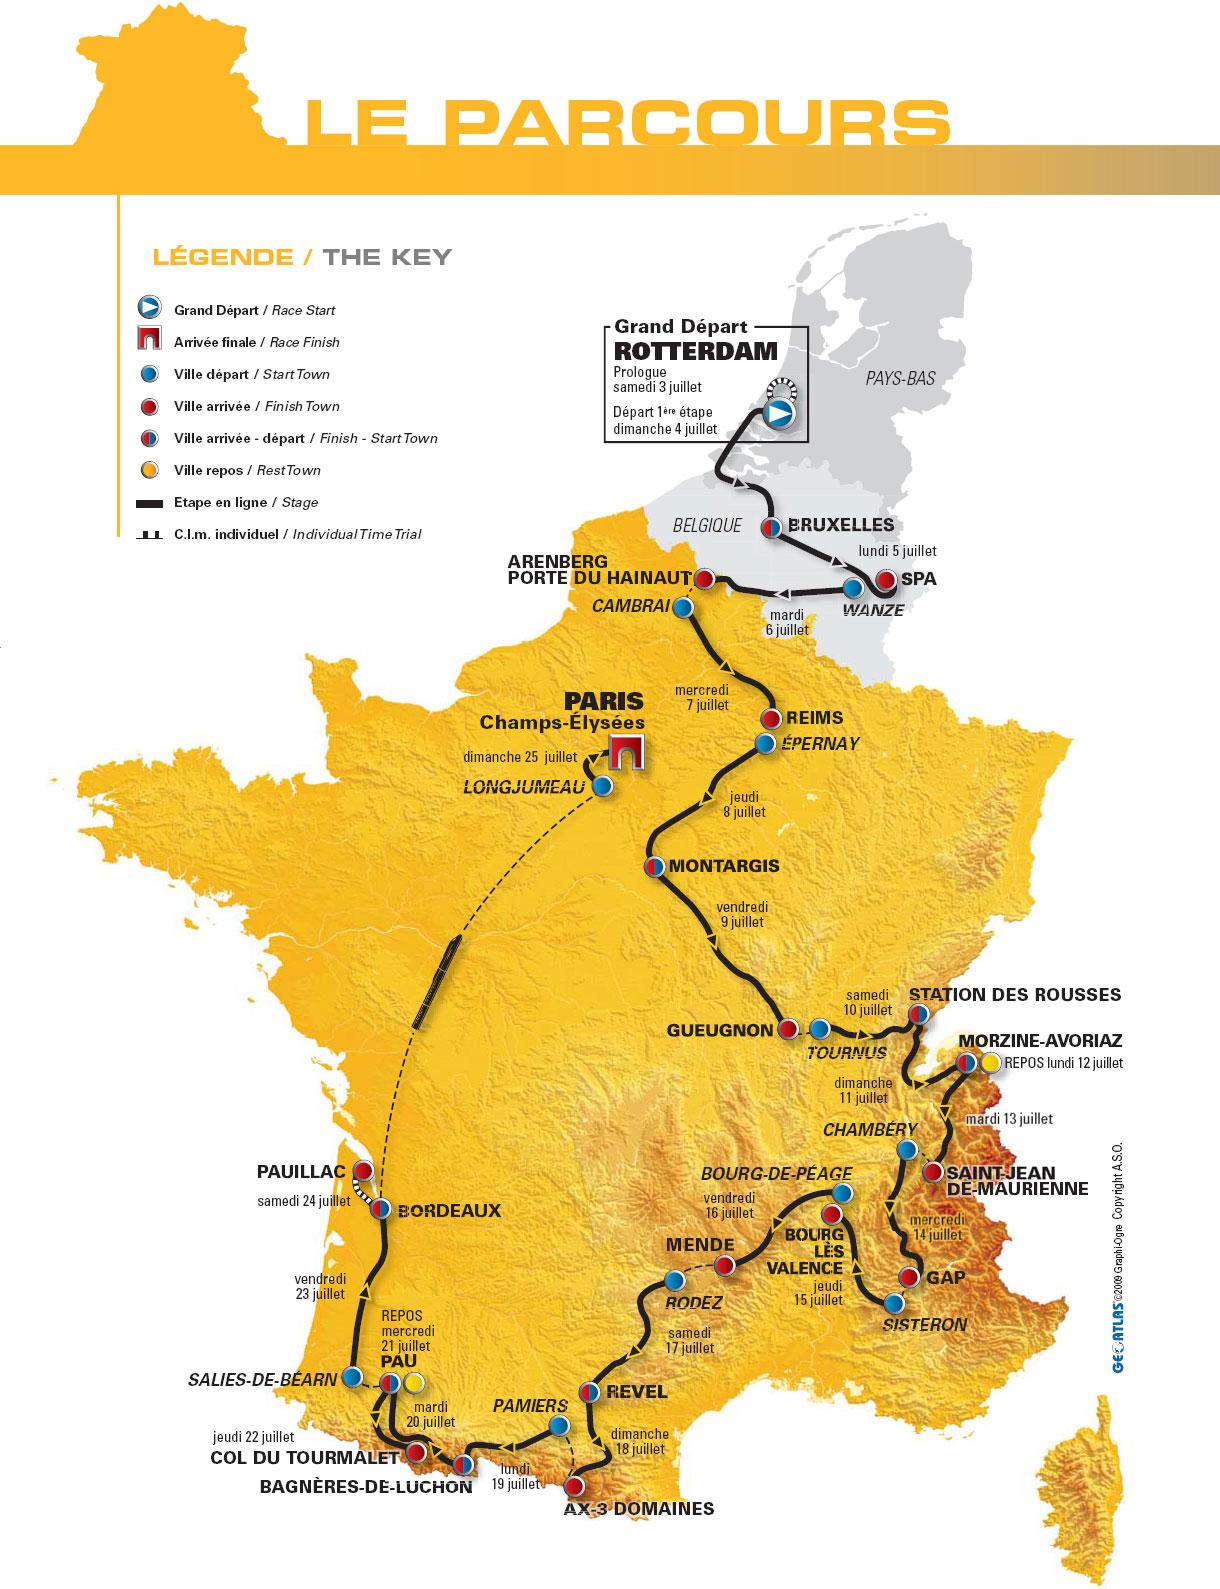 Tour de France 2010 : le parcours et les étapes :: Blog ...